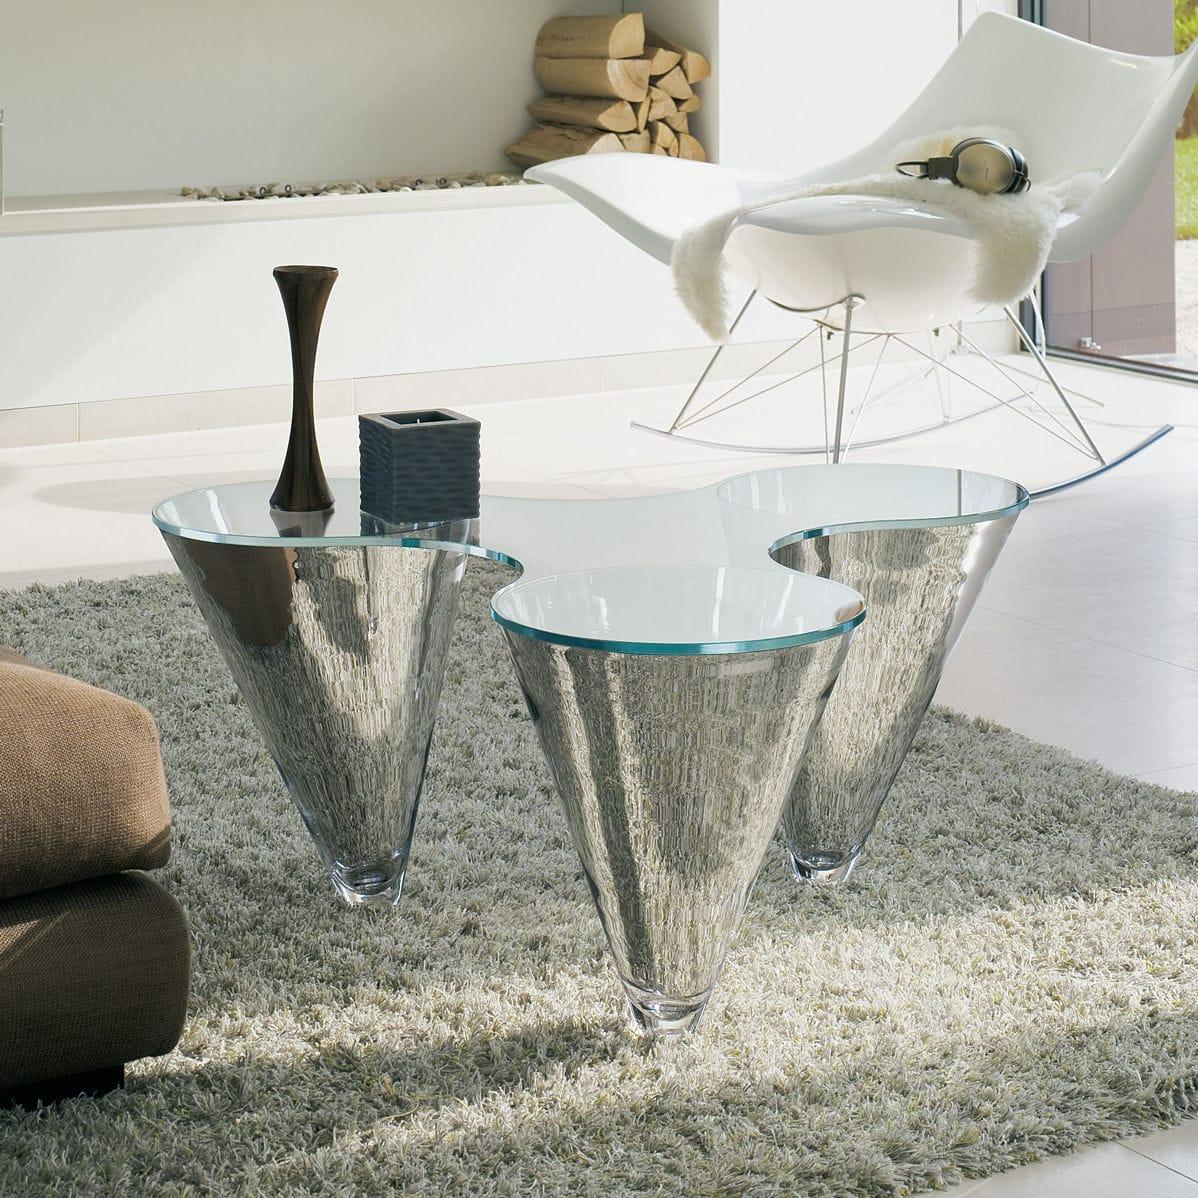 Table Basse Design Original En Verre Courbée Avec Miroir